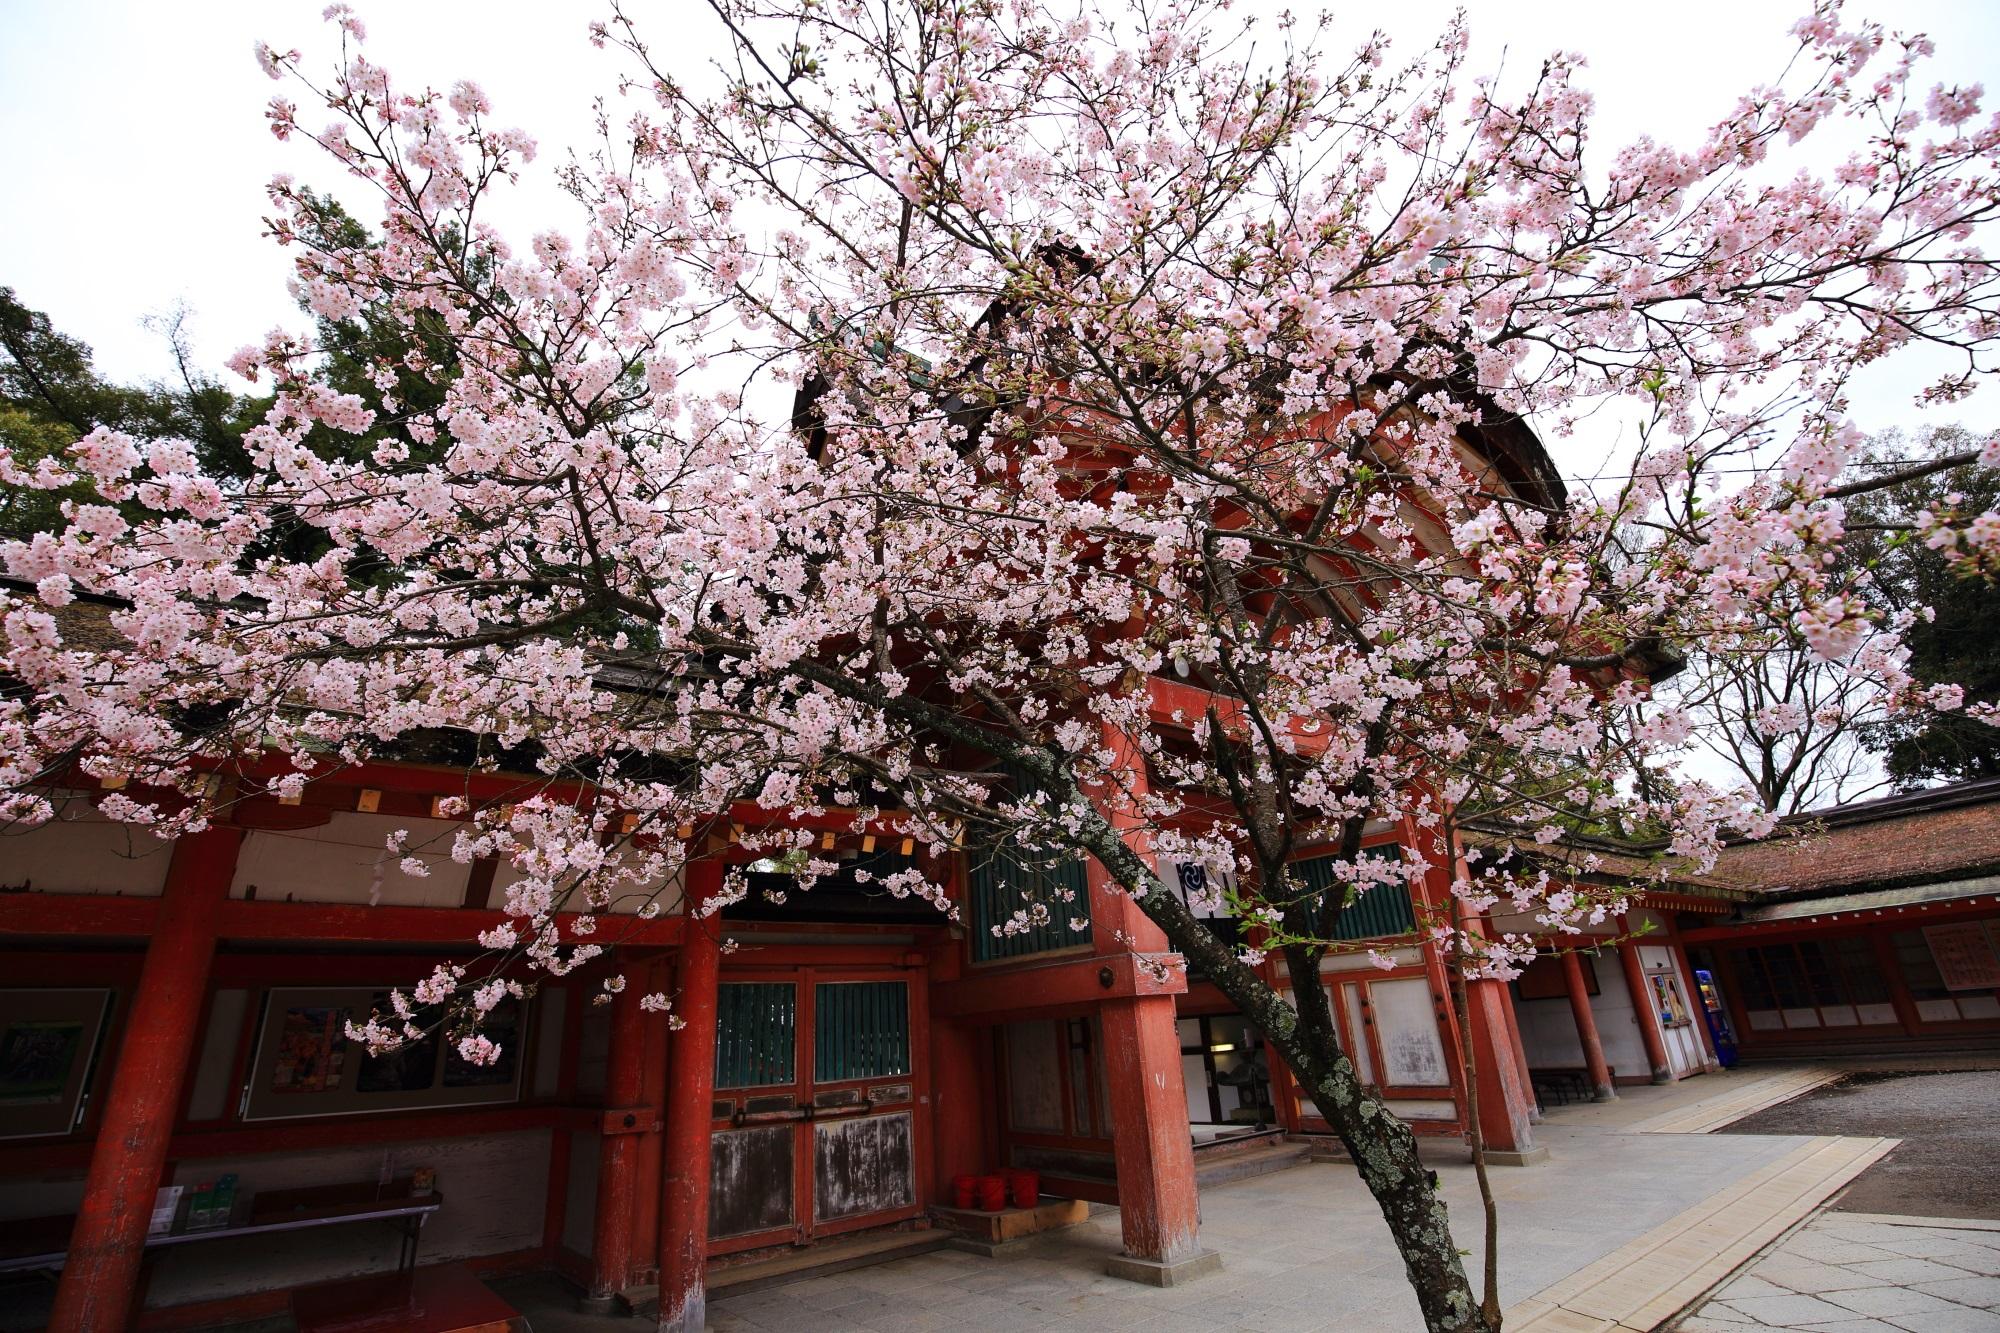 曇天が残念も咲き誇る満開の桜